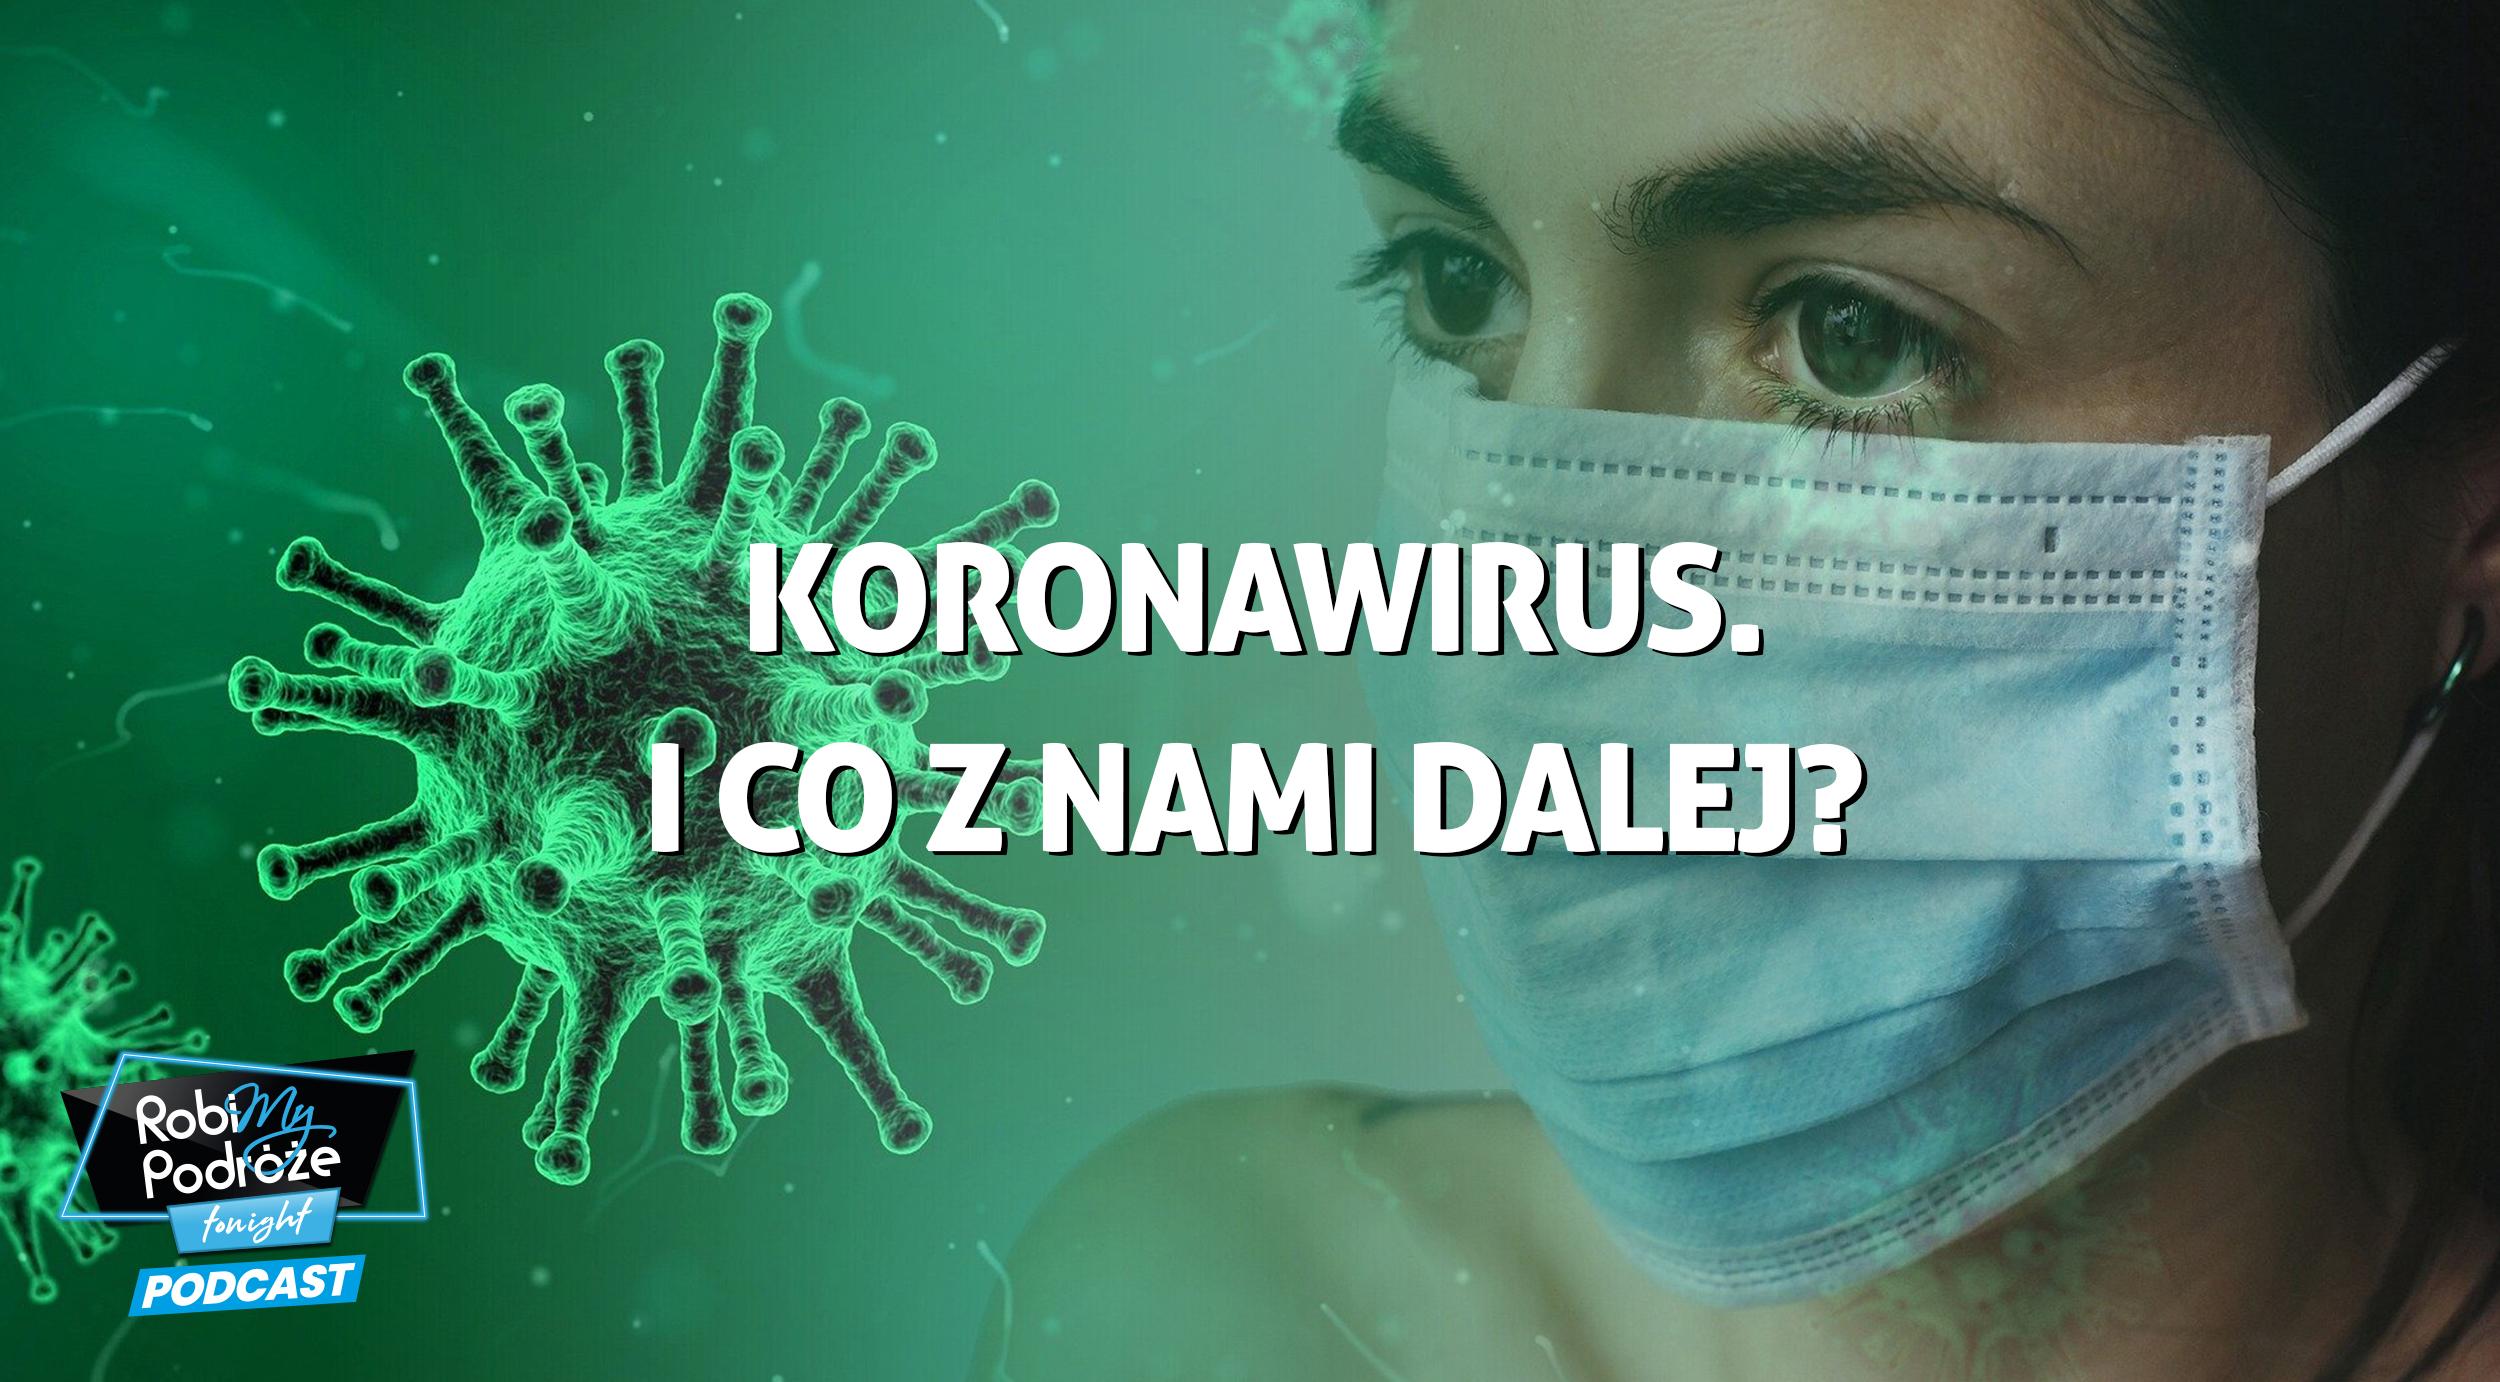 Koronawirus. Co z nami dalej